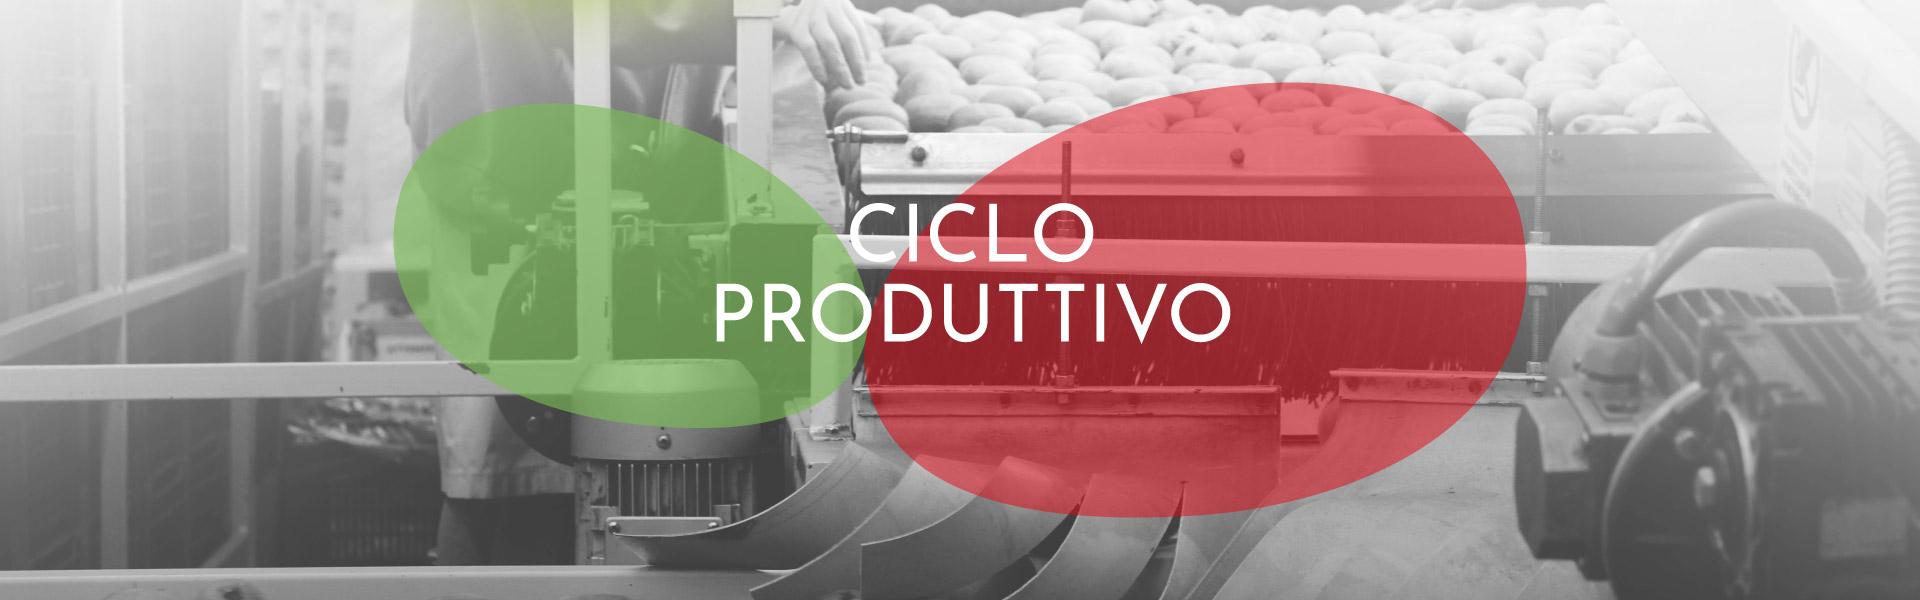 slide ciclo produttivo